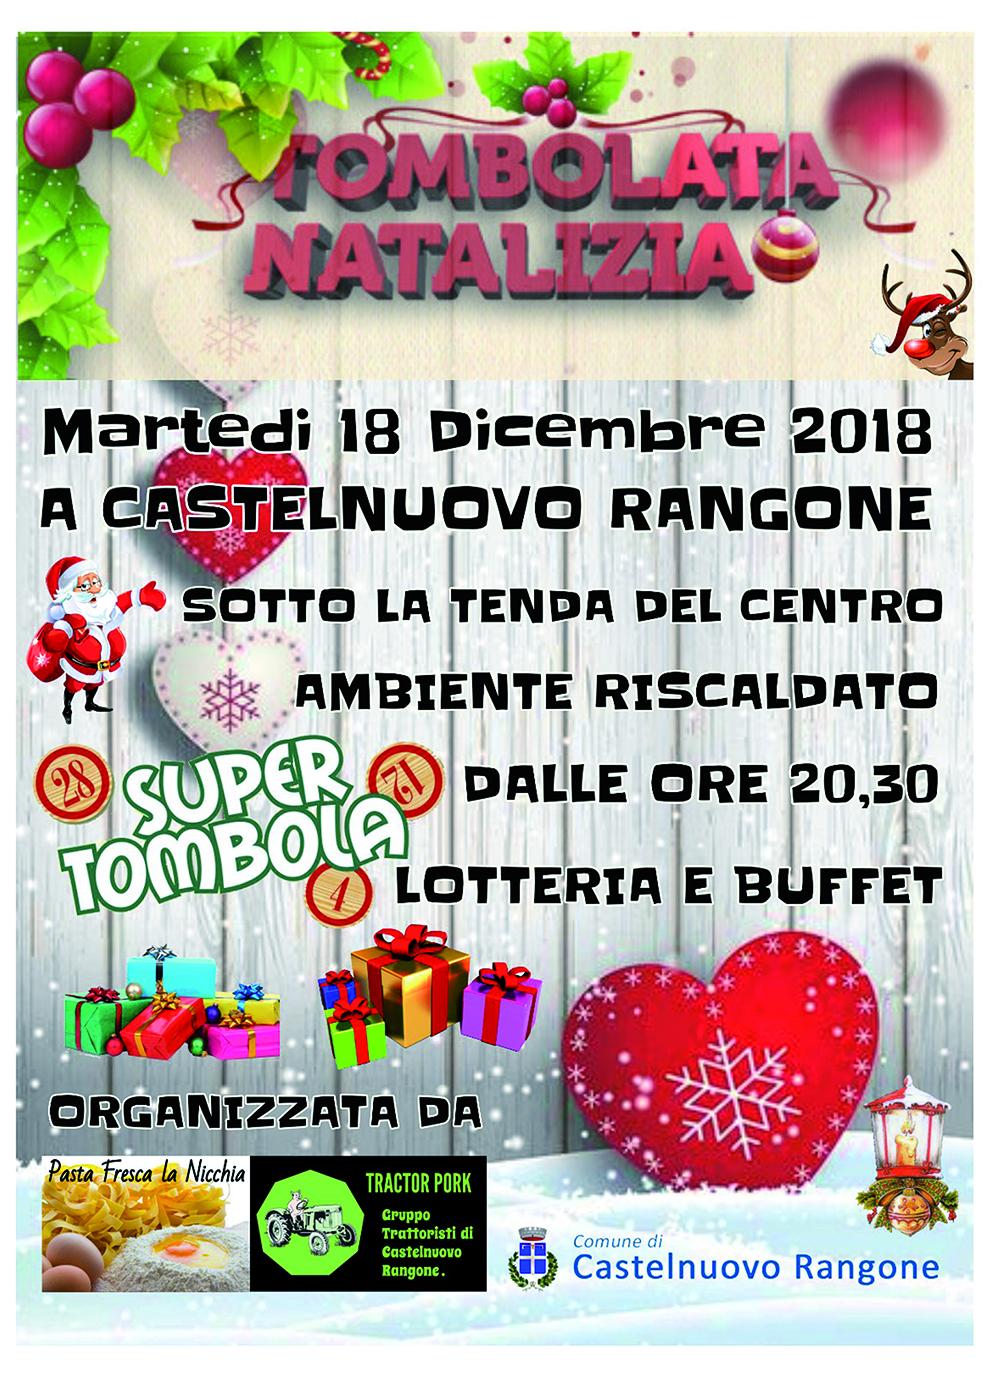 Tombolata Natalizia 2018